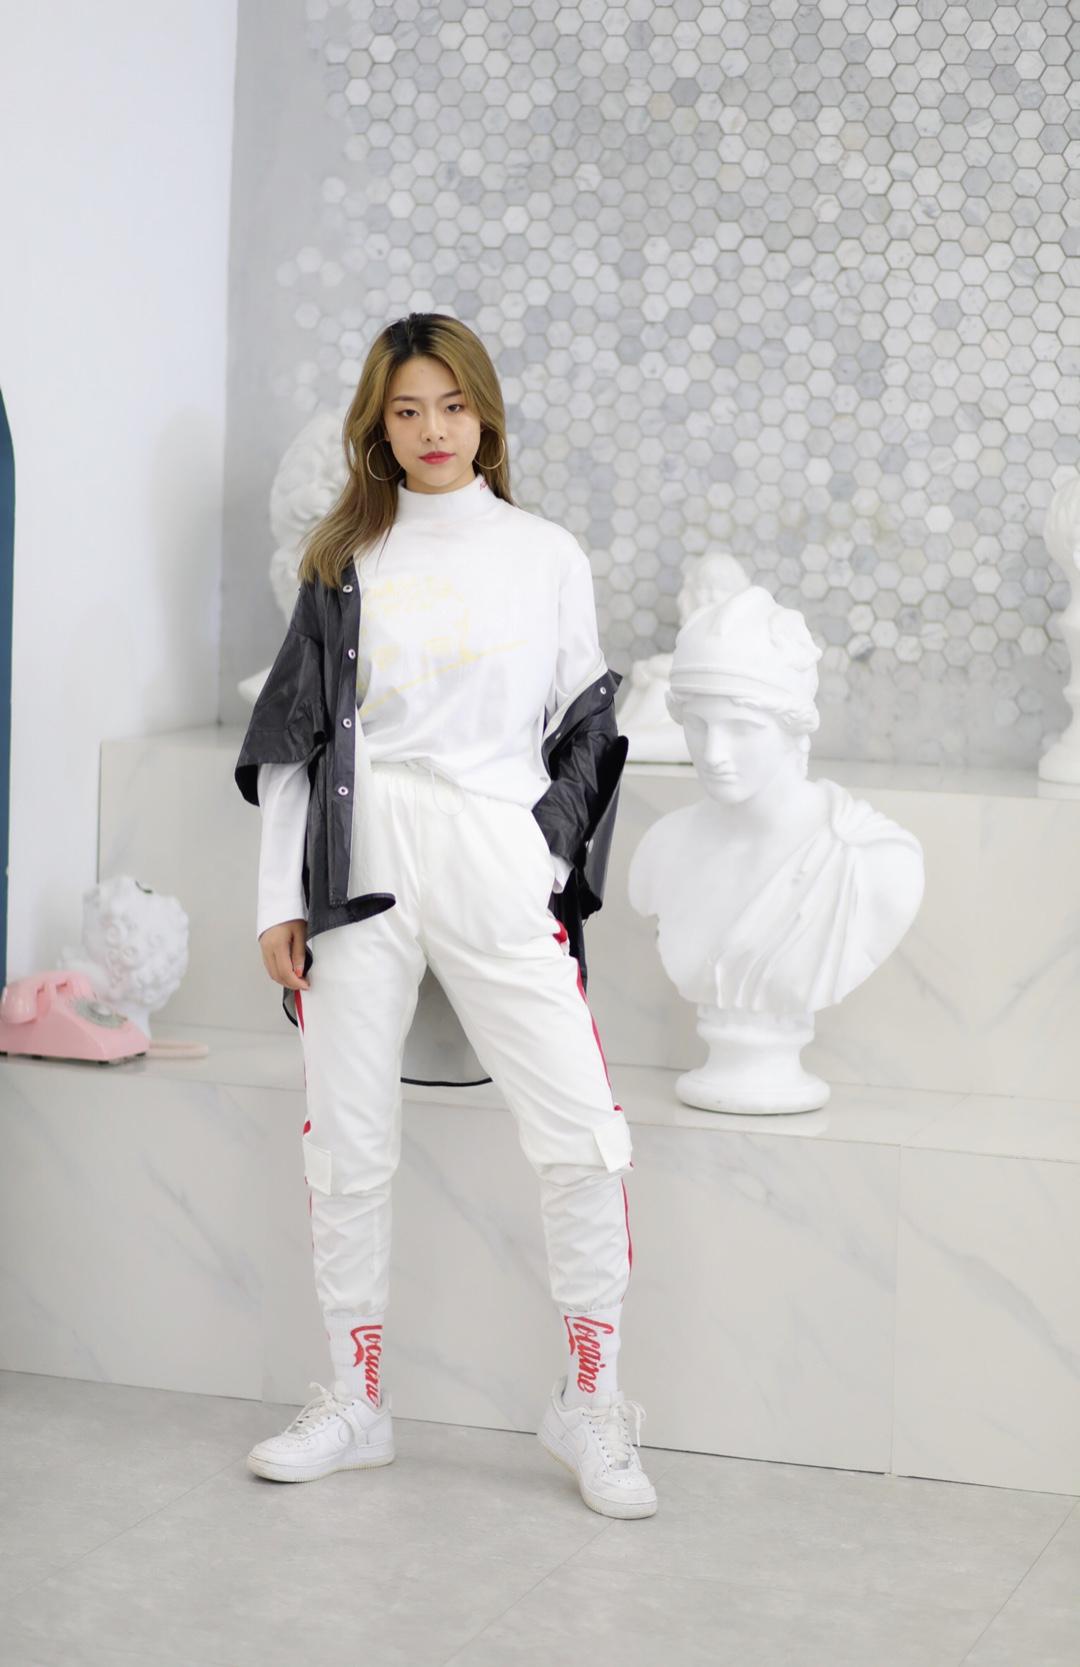 |Kiki穿搭look #UNLOCK!解锁新潮流的色彩密码#  这件白色微高领是试衣的时候无意看到的,很百搭的一款,运动休闲风,脖子短的女生穿也完全没有问题 裤子是之前在NPC店里买的,模特原搭是有一整套的,当时觉得贵没舍得买呀 今天这样穿也很好看~ 最近真的很喜欢酷酷哒风格叻 😎